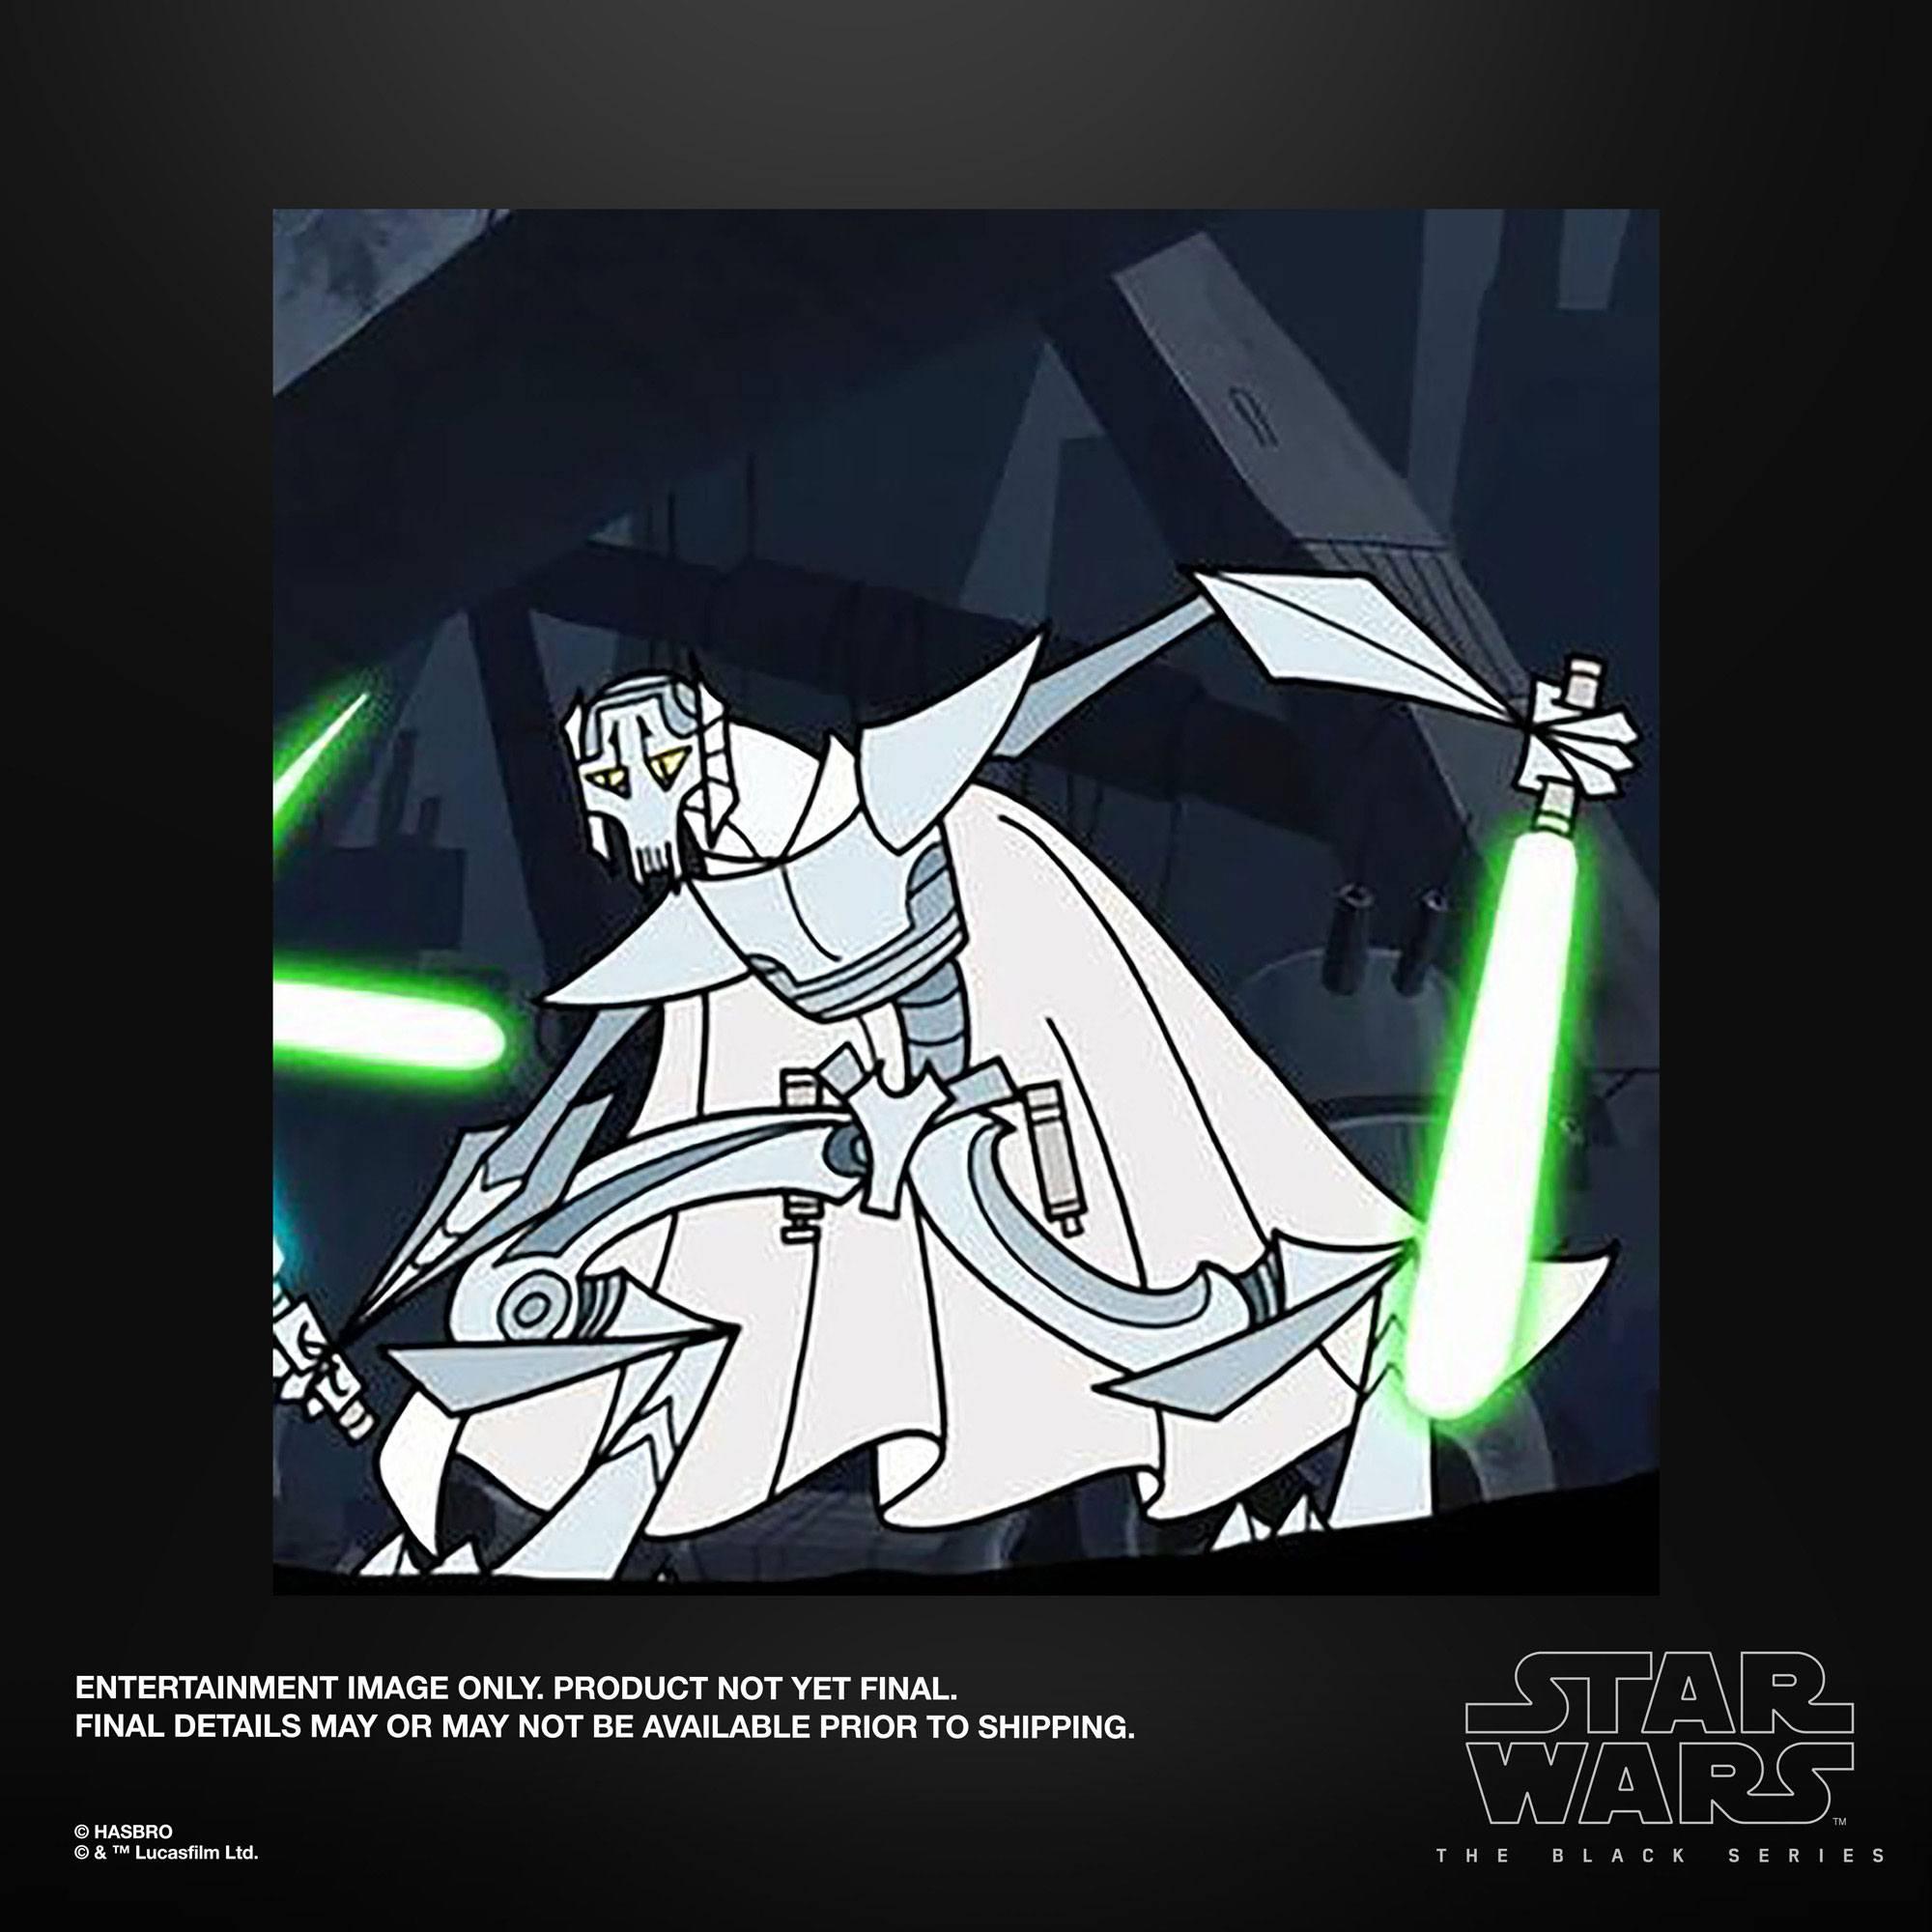 Star Wars The Clone Wars Black Series Actionfigur 2022 General Grievous 15 cm F53025L0 5010993938285